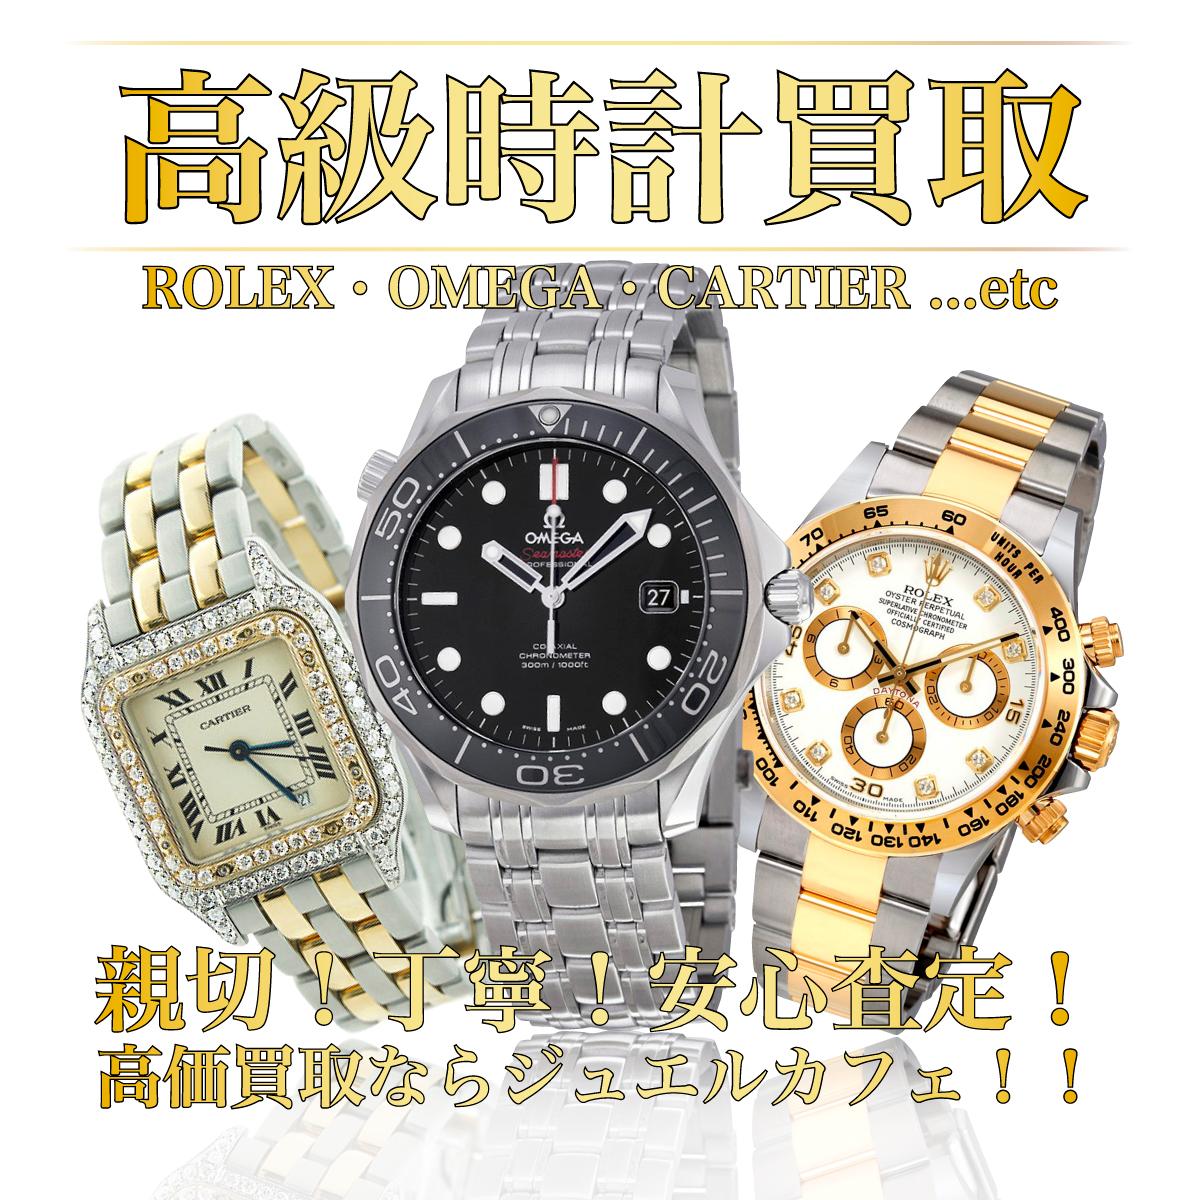 ブランド時計を売るならジュエルカフェアリオ倉敷店へ